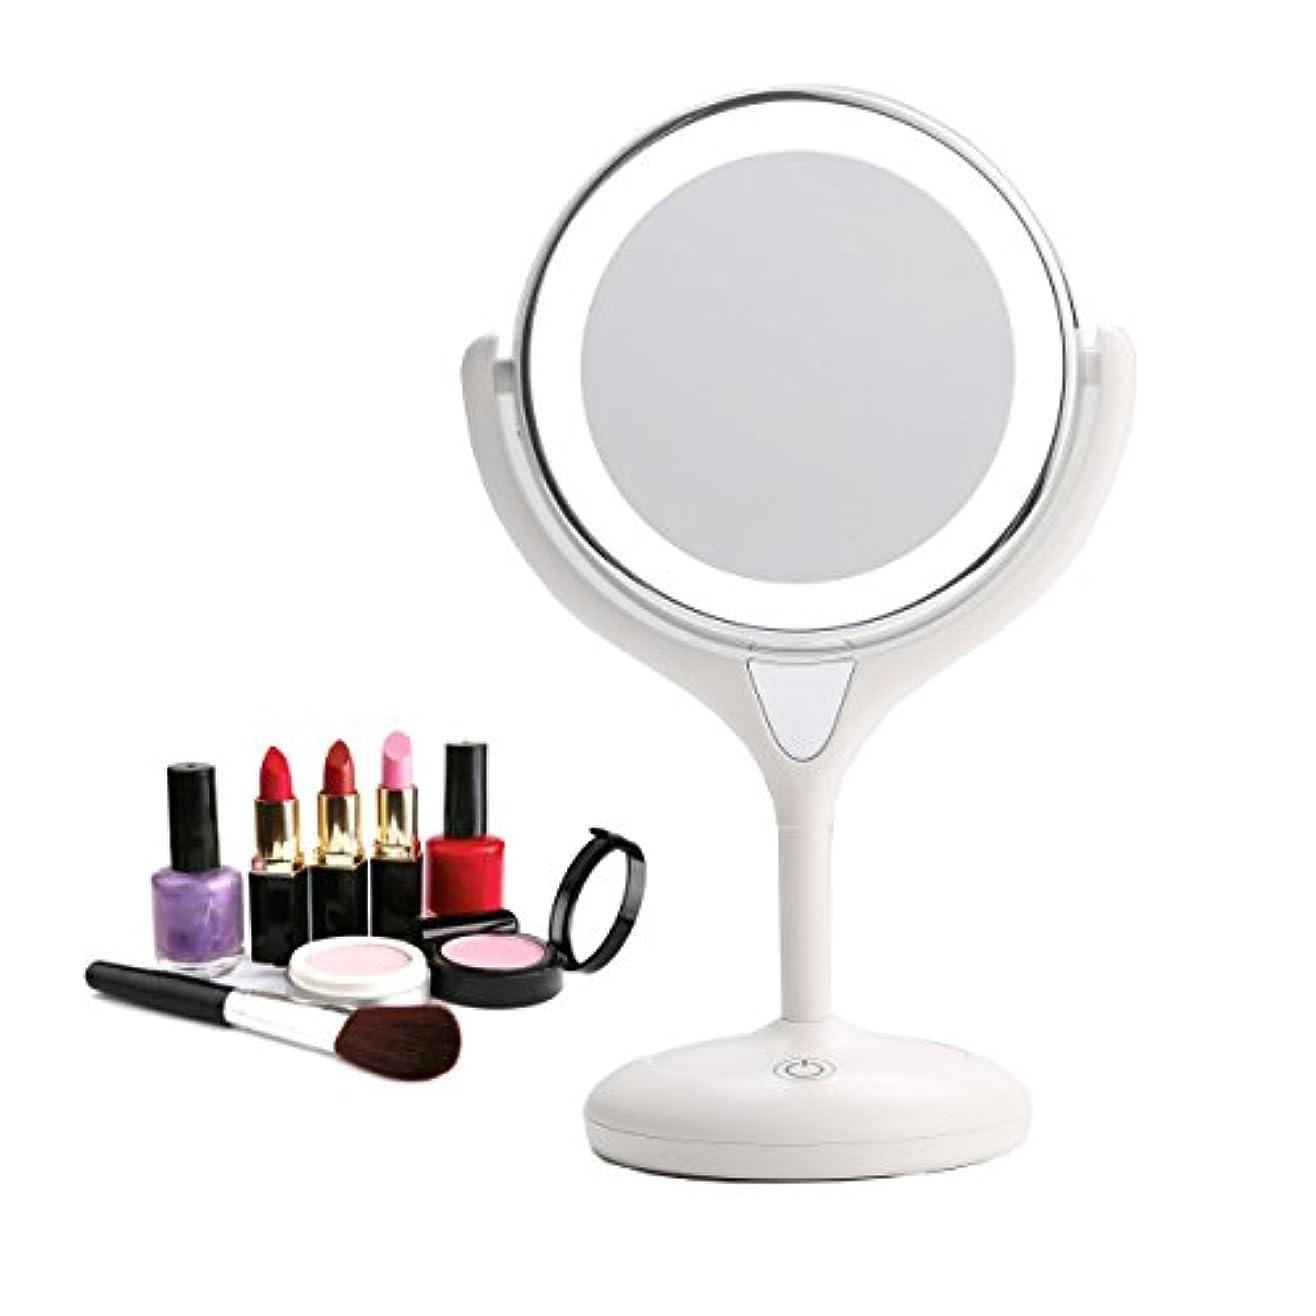 虫コンバーチブルアリスBestaid-スタンドミラー シンプルデザイン 真実の両面鏡DX 10倍拡大鏡 360度回転 卓上鏡 メイク 化粧道具 14 * 11.5 * 28.5cm